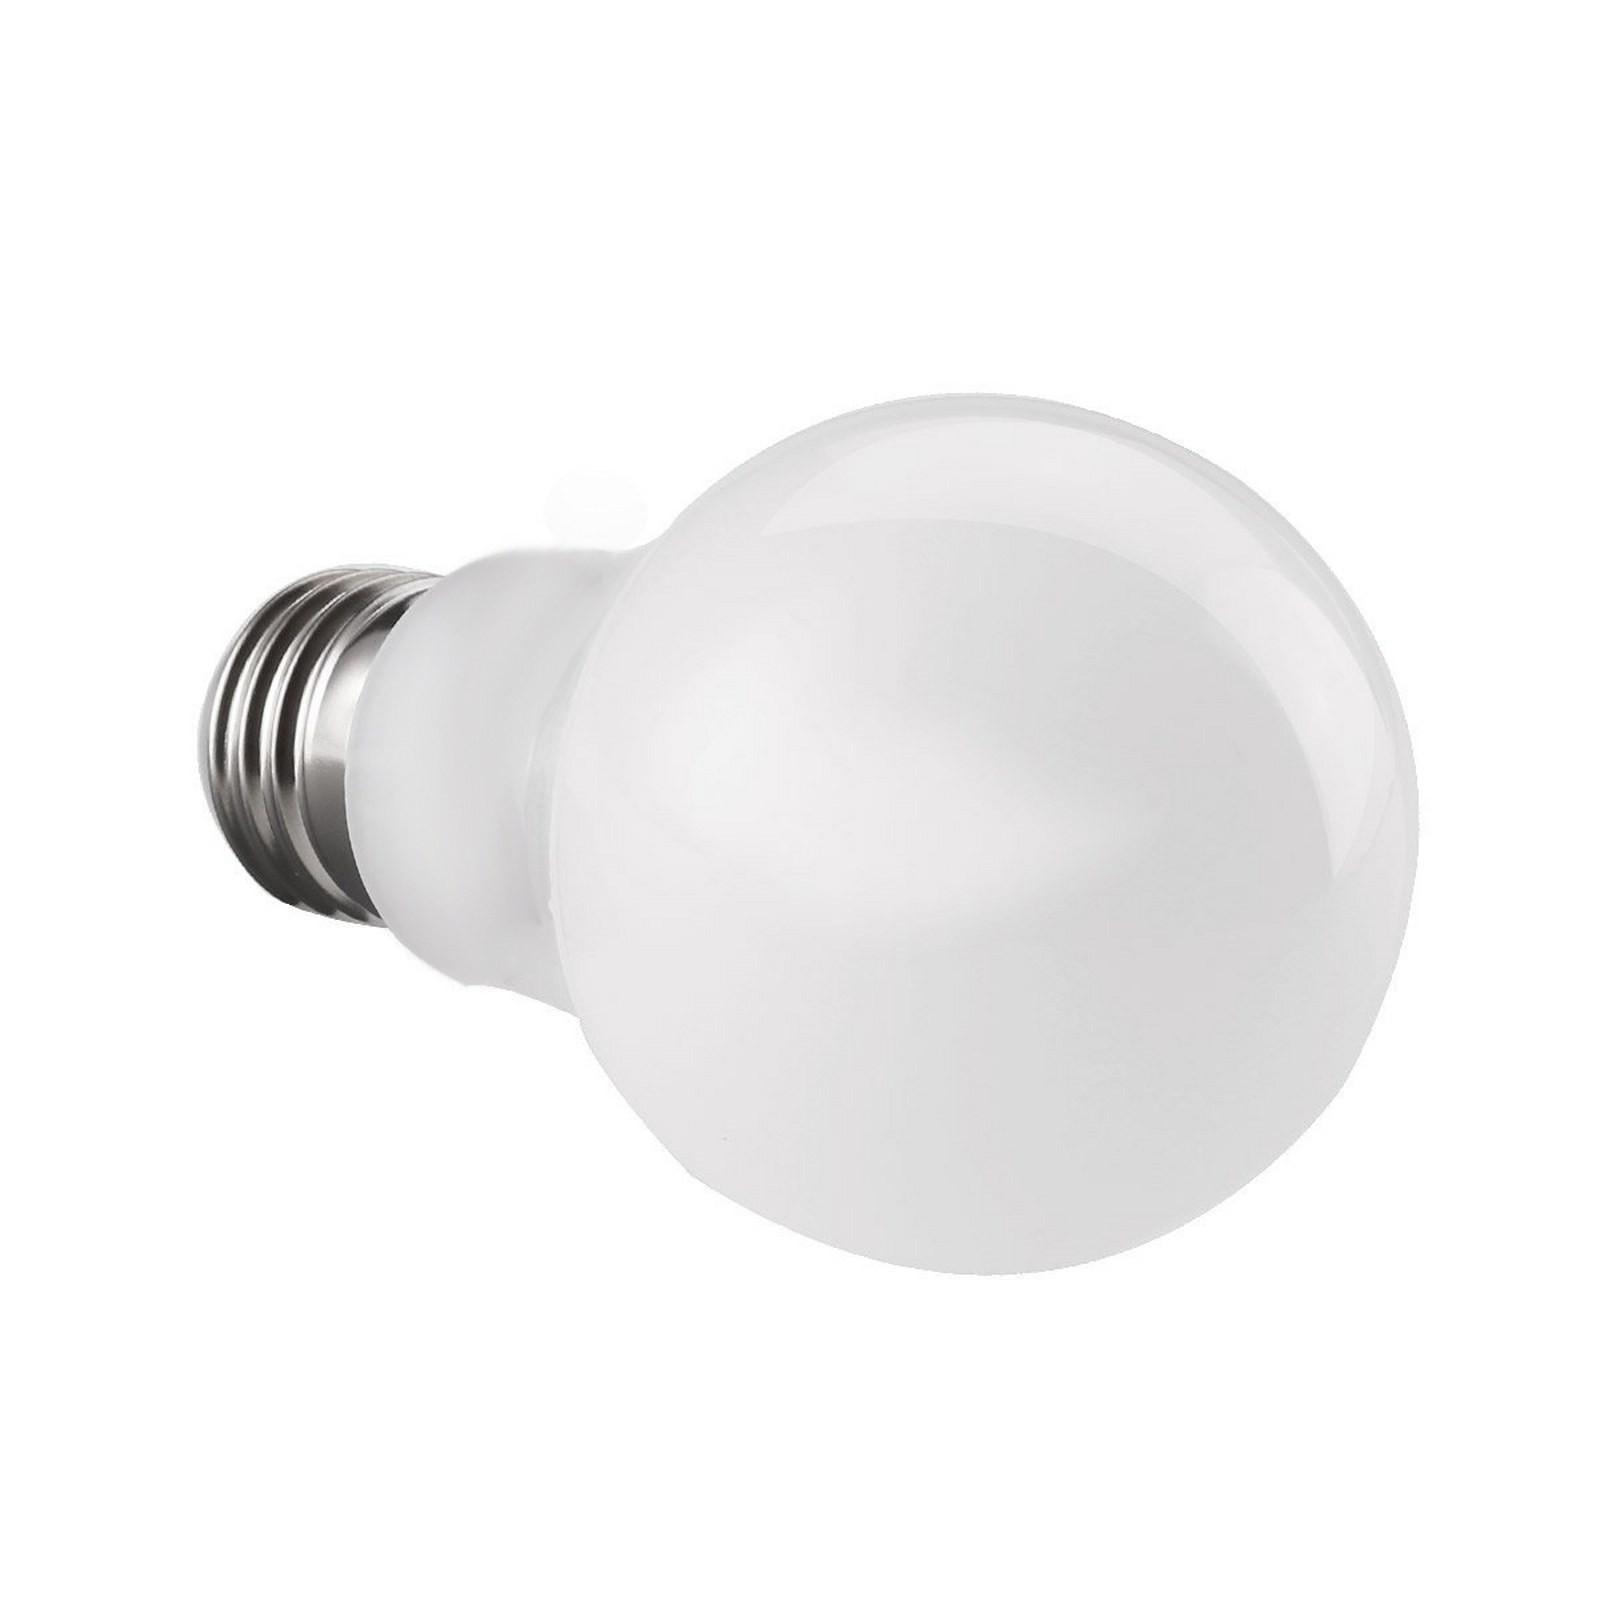 Lampadine Con Crepuscolare: Sensore crepuscolare luce girevole lampadine pano...